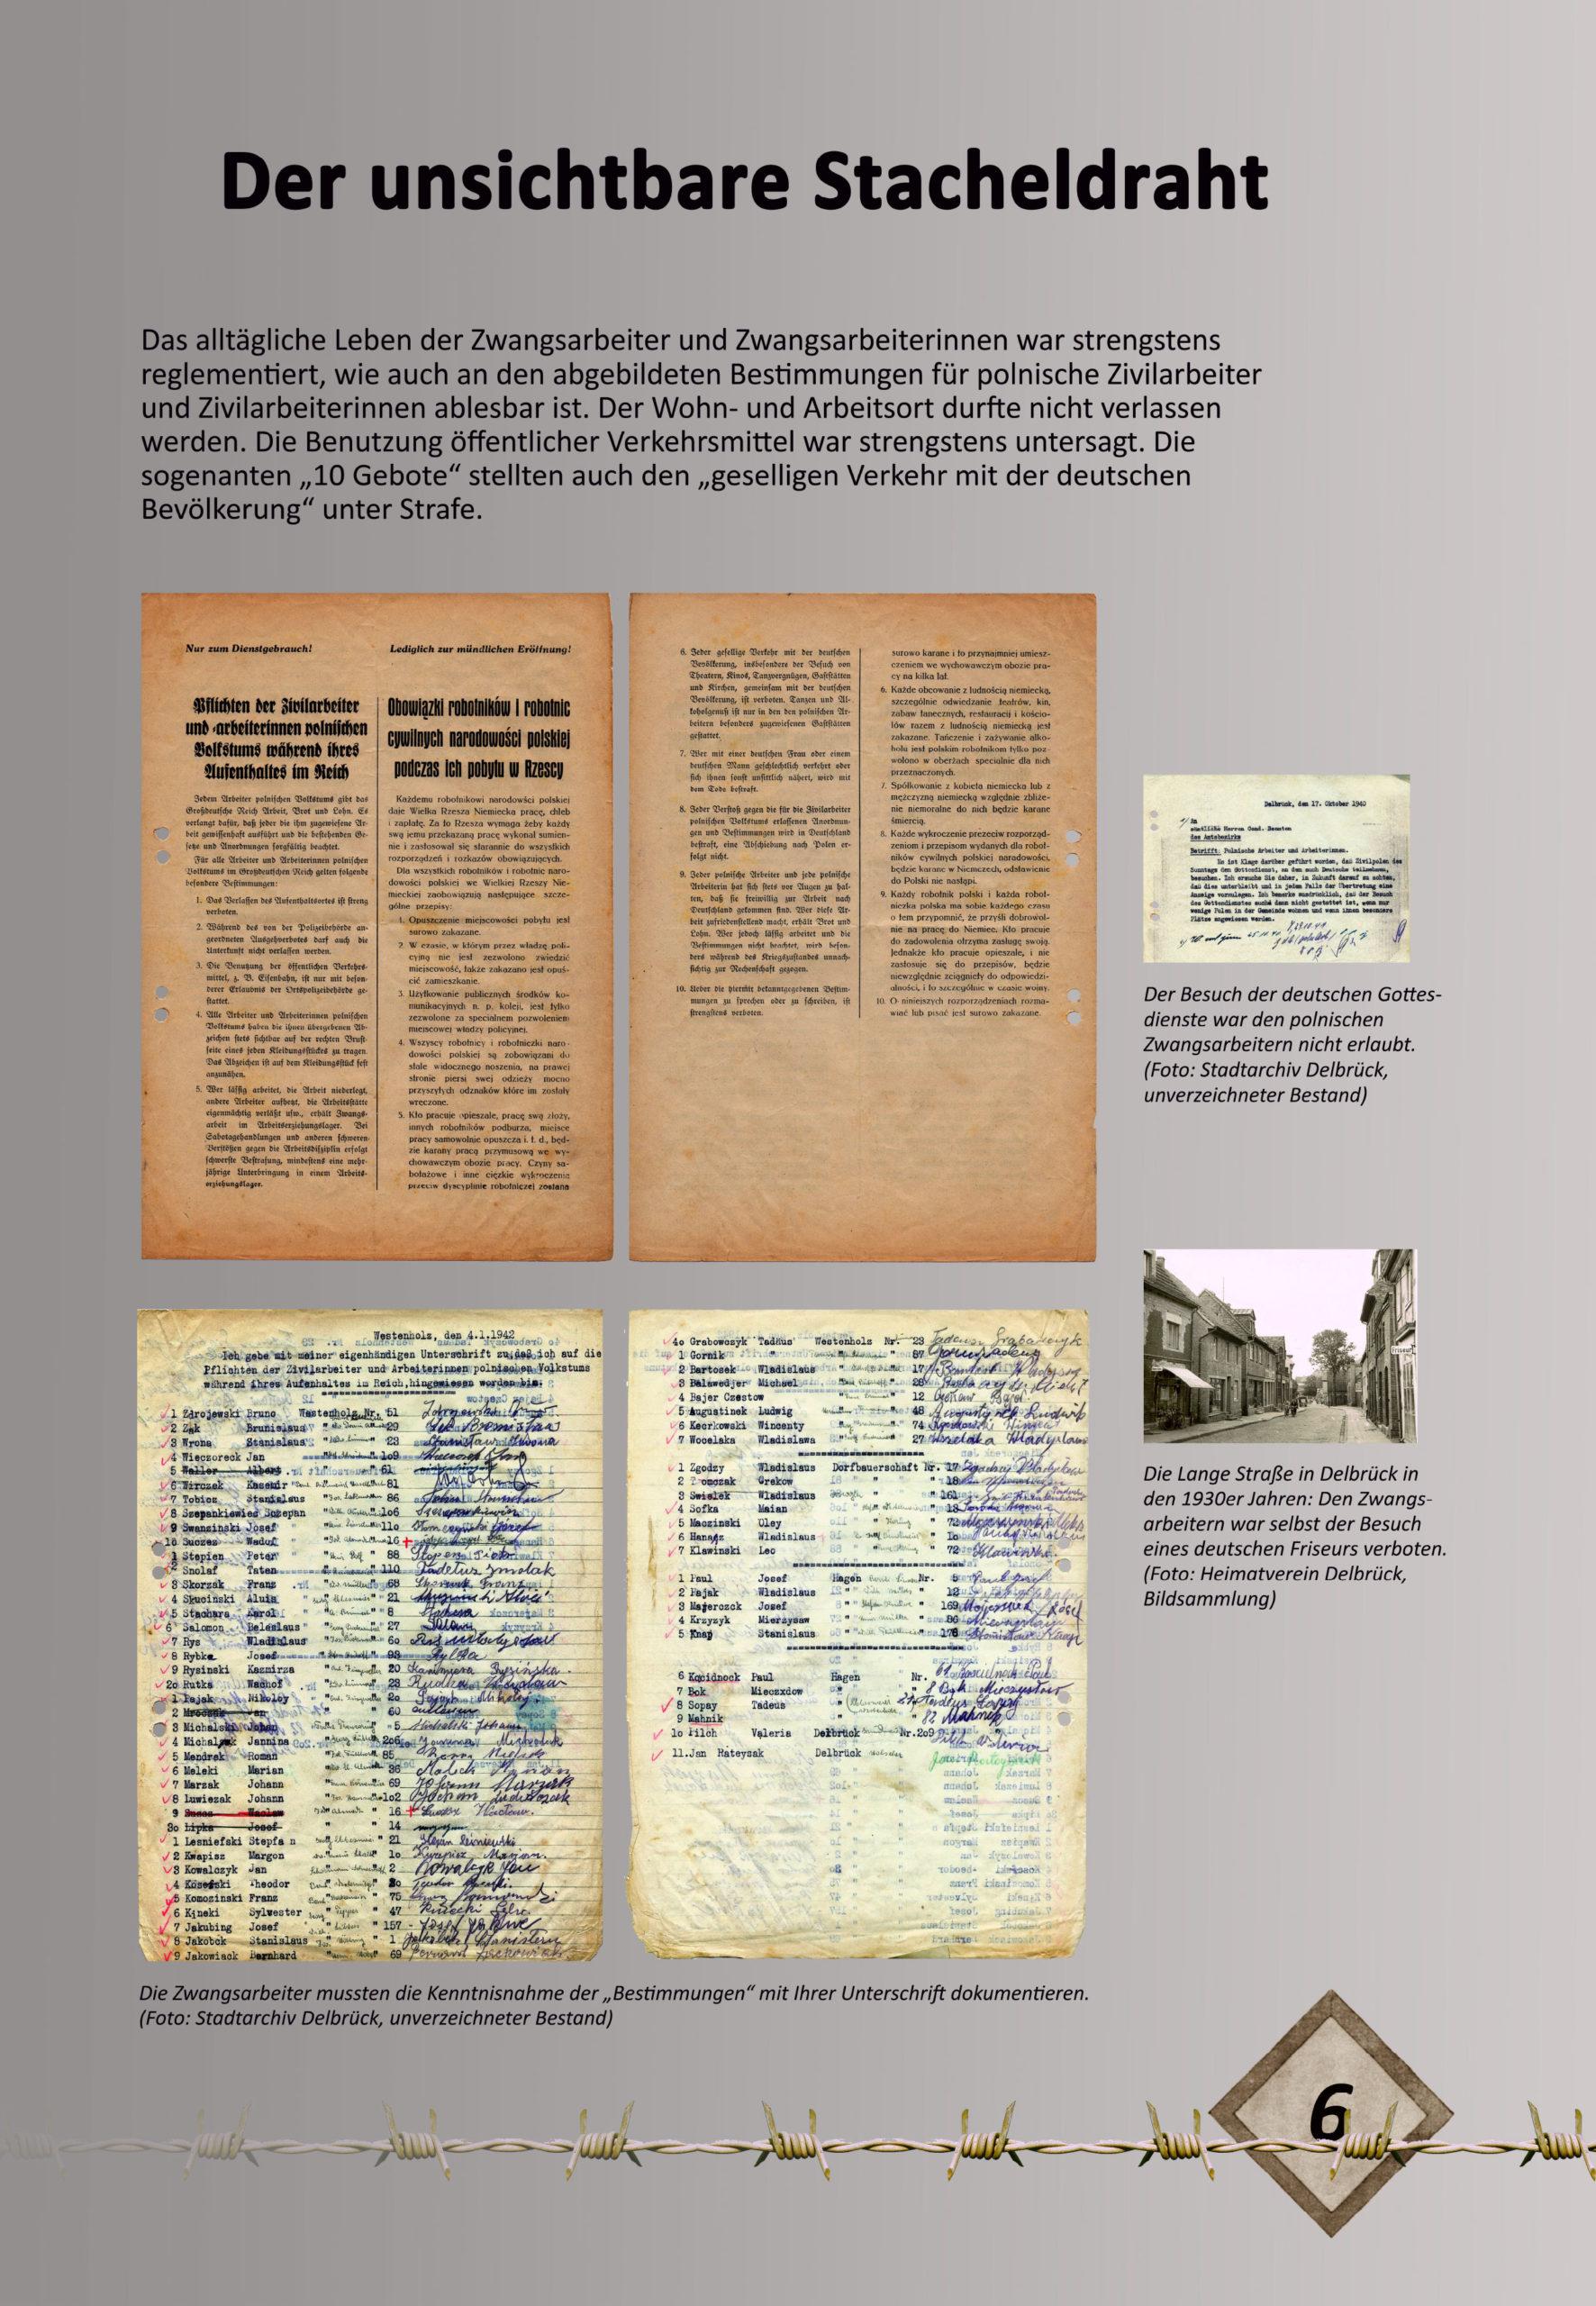 """Digitale Ausstellung """"Unter_Menschen"""" anlässlich des 75. Jahrestages der Befreiung der Kriegsgefangenen – Ausstellungstafel 6"""